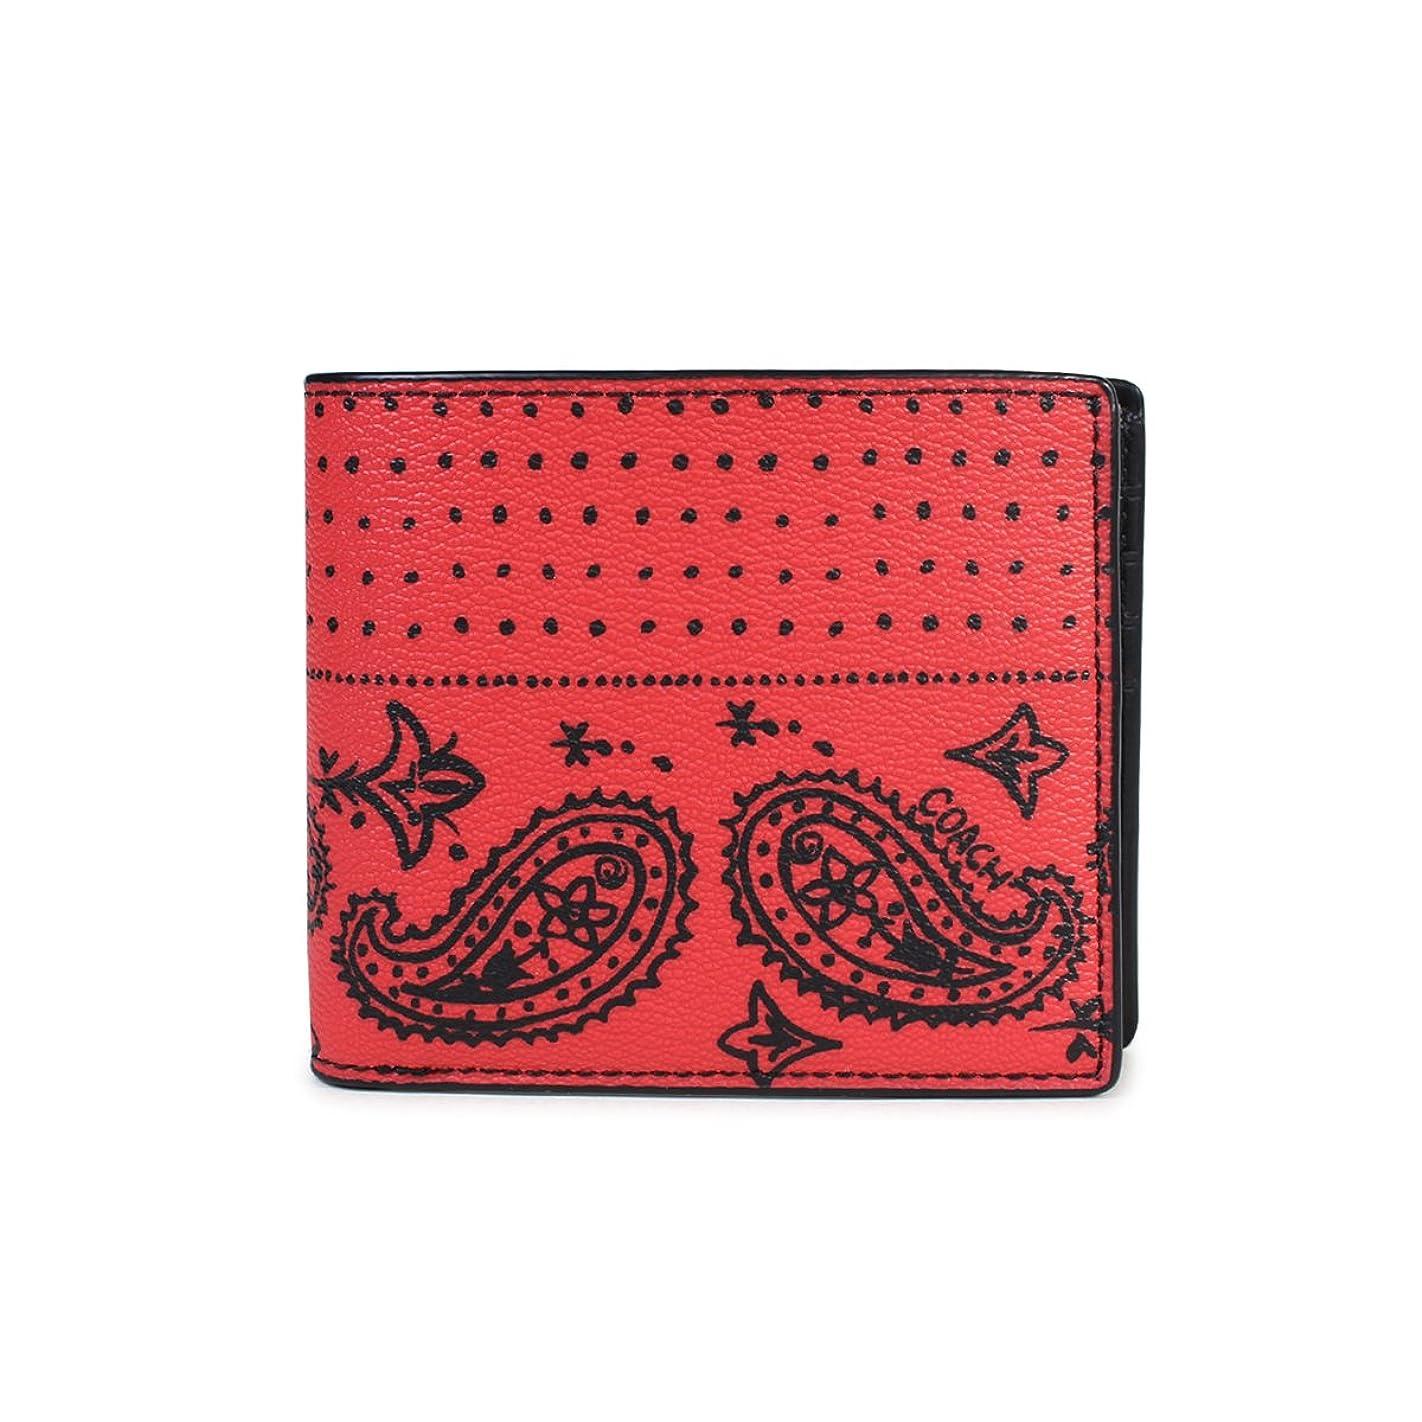 引き潮シチリア開発するコーチ 財布 二つ折り メンズ F57653 (並行輸入品)